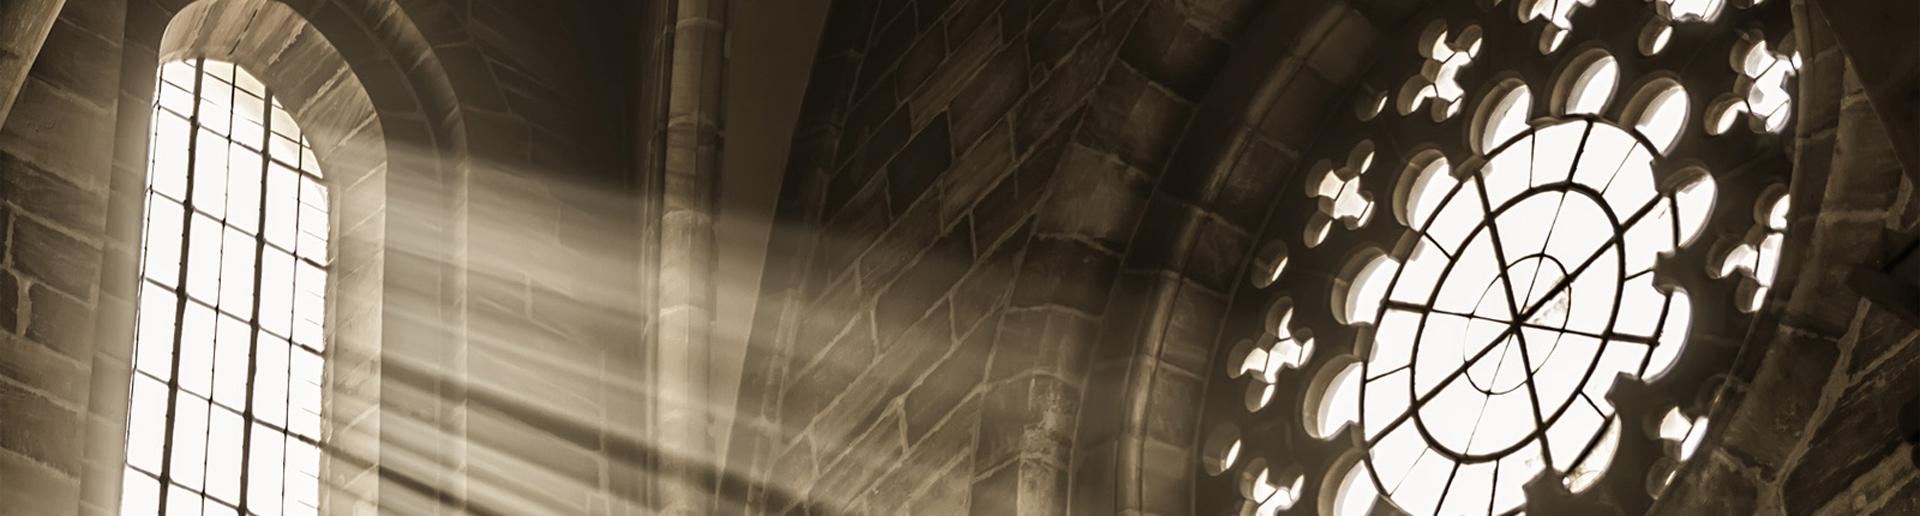 Bonifratrzy – Klaszor w Prudniku pw. św. Piotra i Pawła